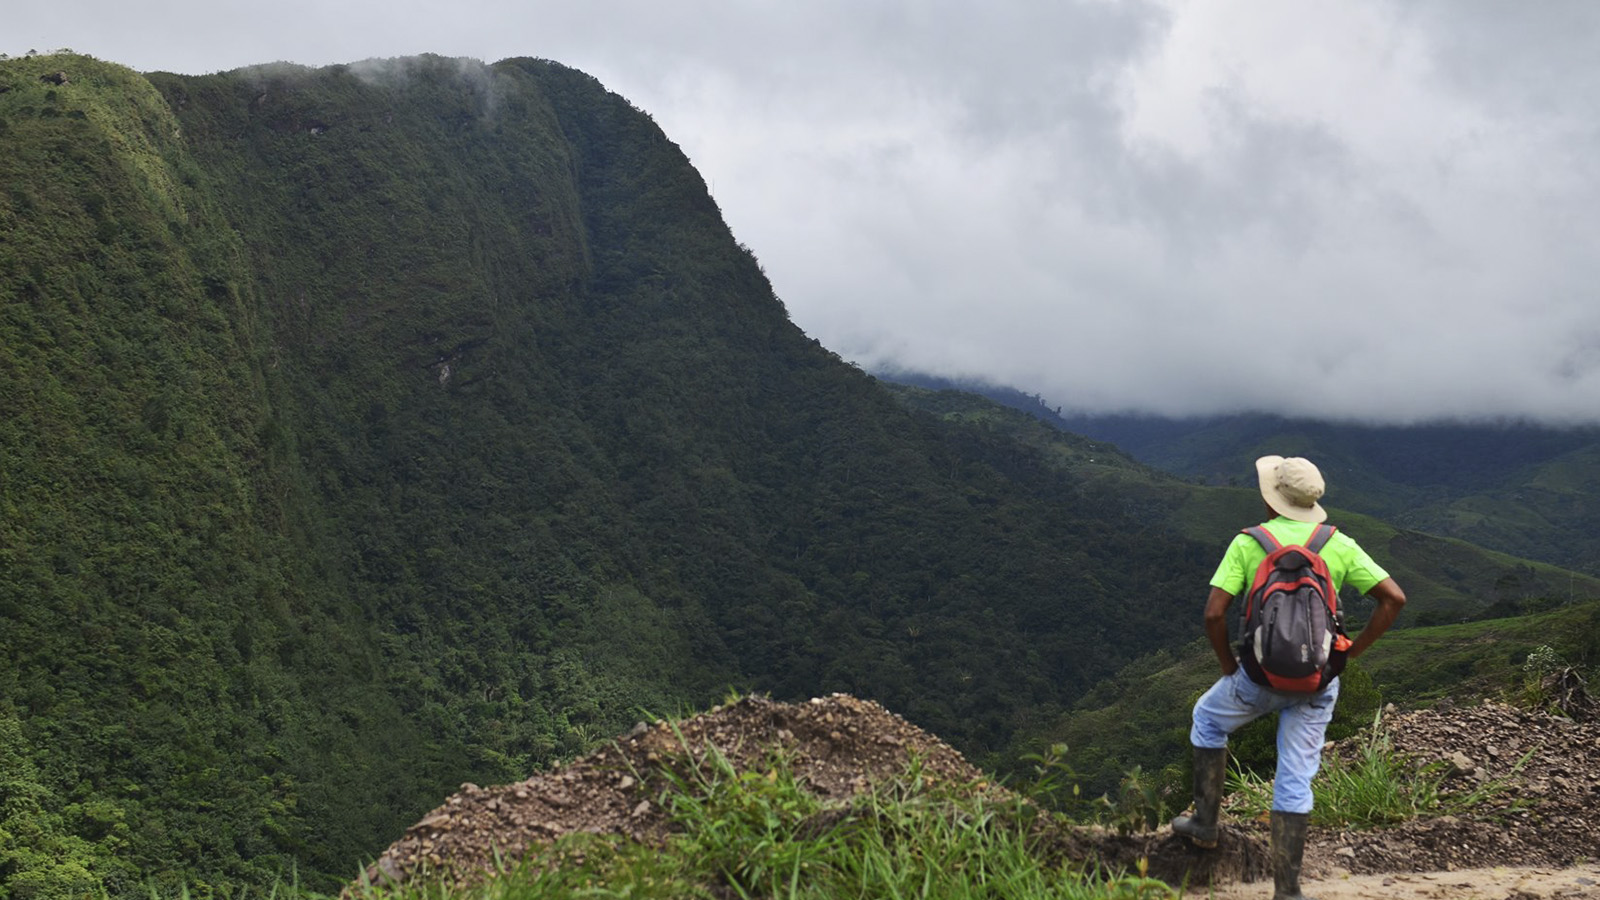 Los nasa del Llano: la migración de indígenas del Cauca hacia el Meta